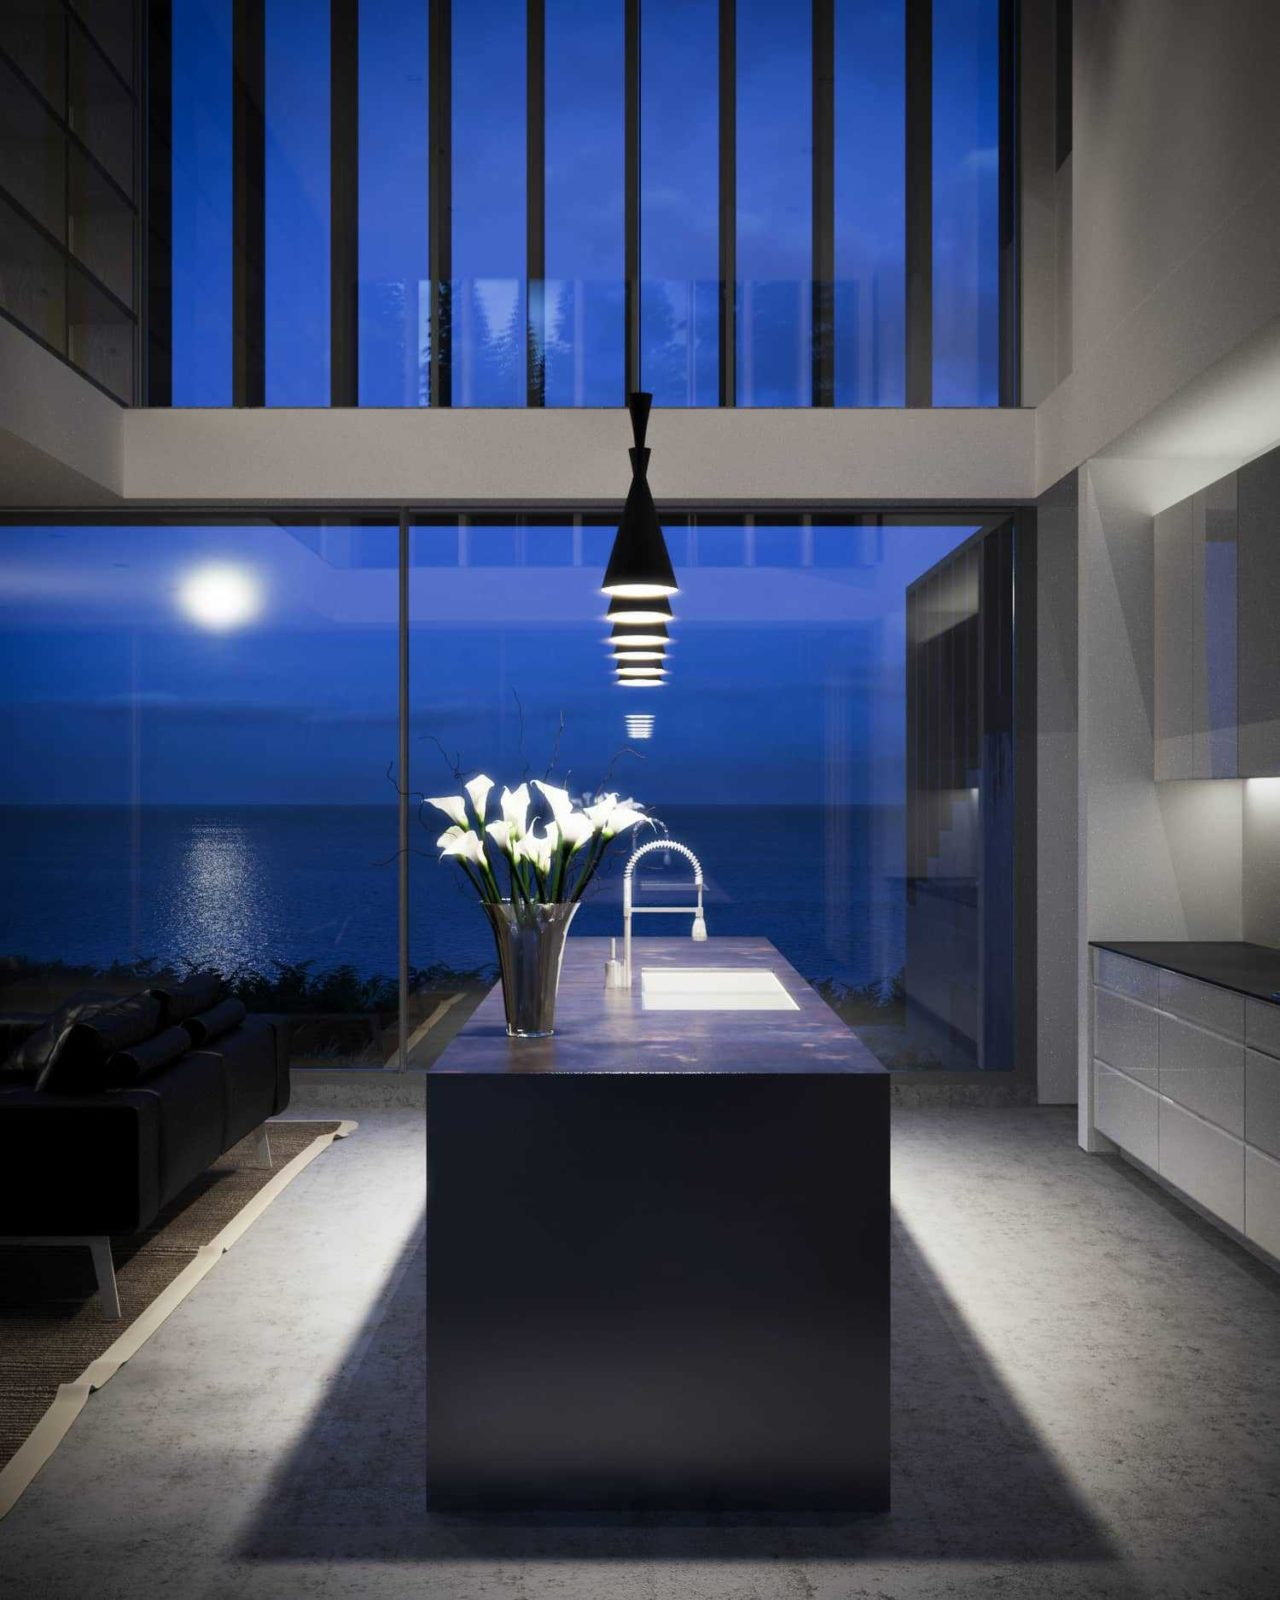 Peter Guthrie SoA Lighting Masterclass